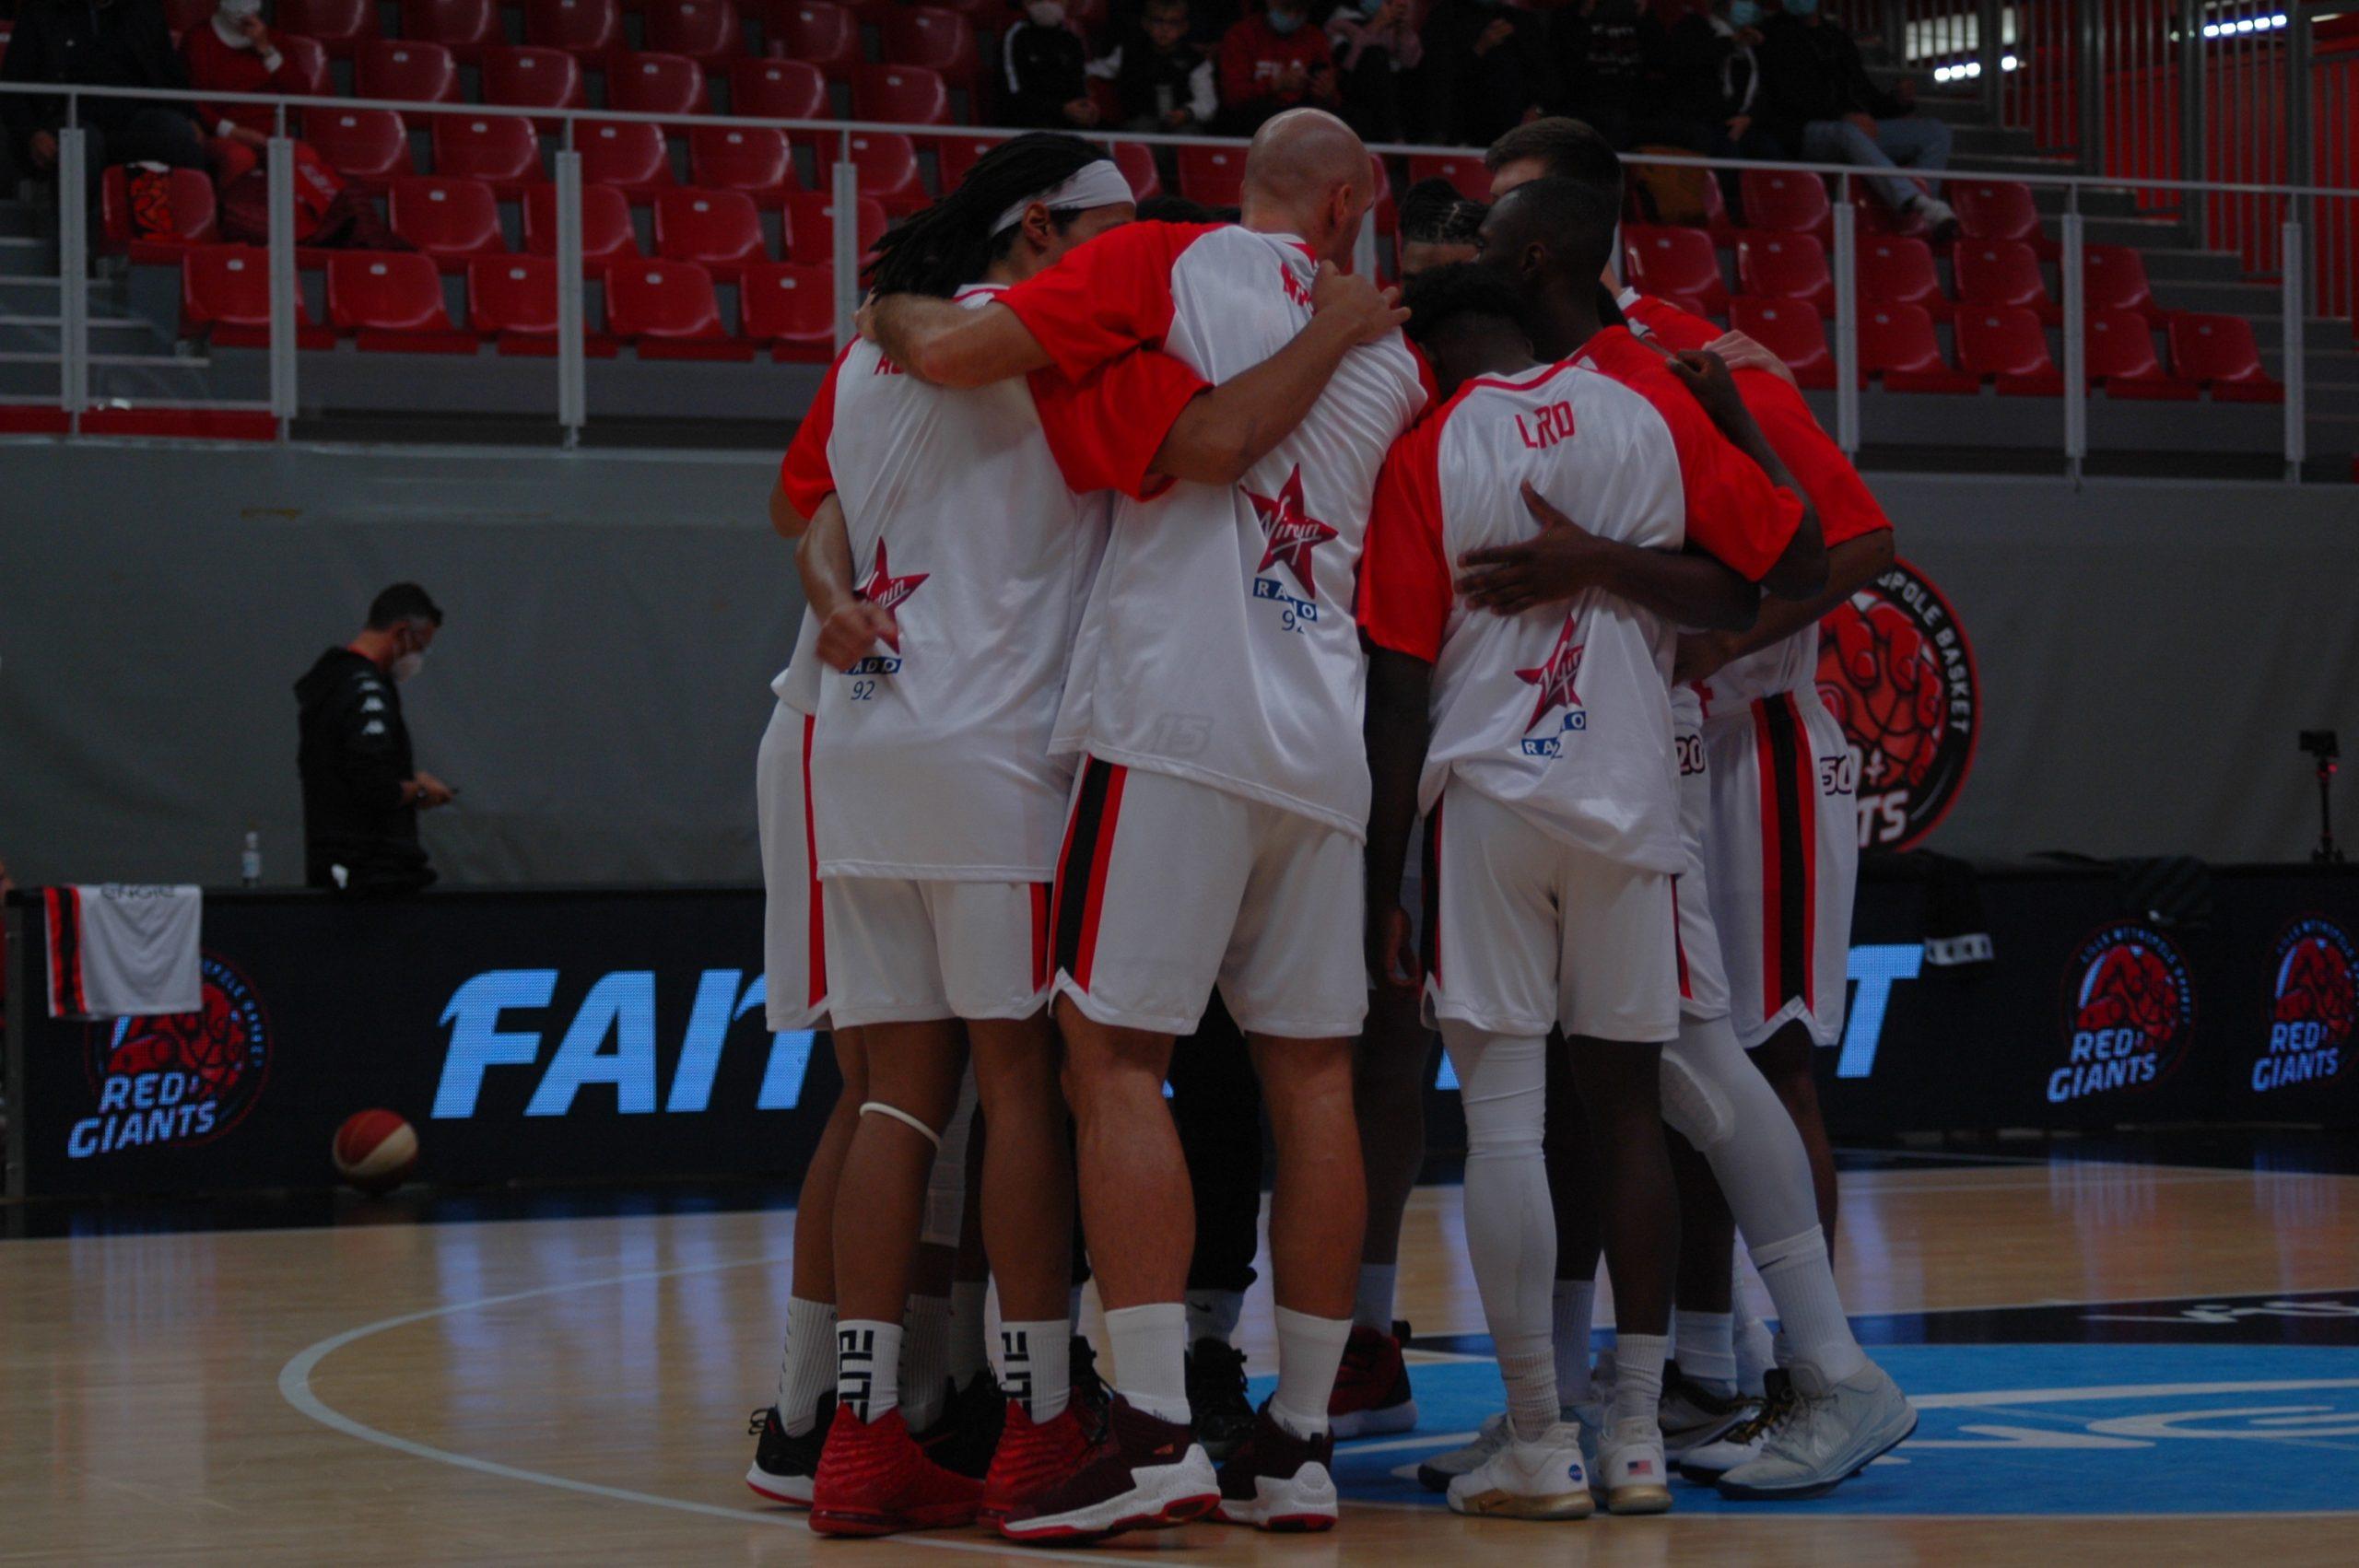 L'équipe de Lille avant le début de la rencontre. © Armand Bécasse / Pepère News